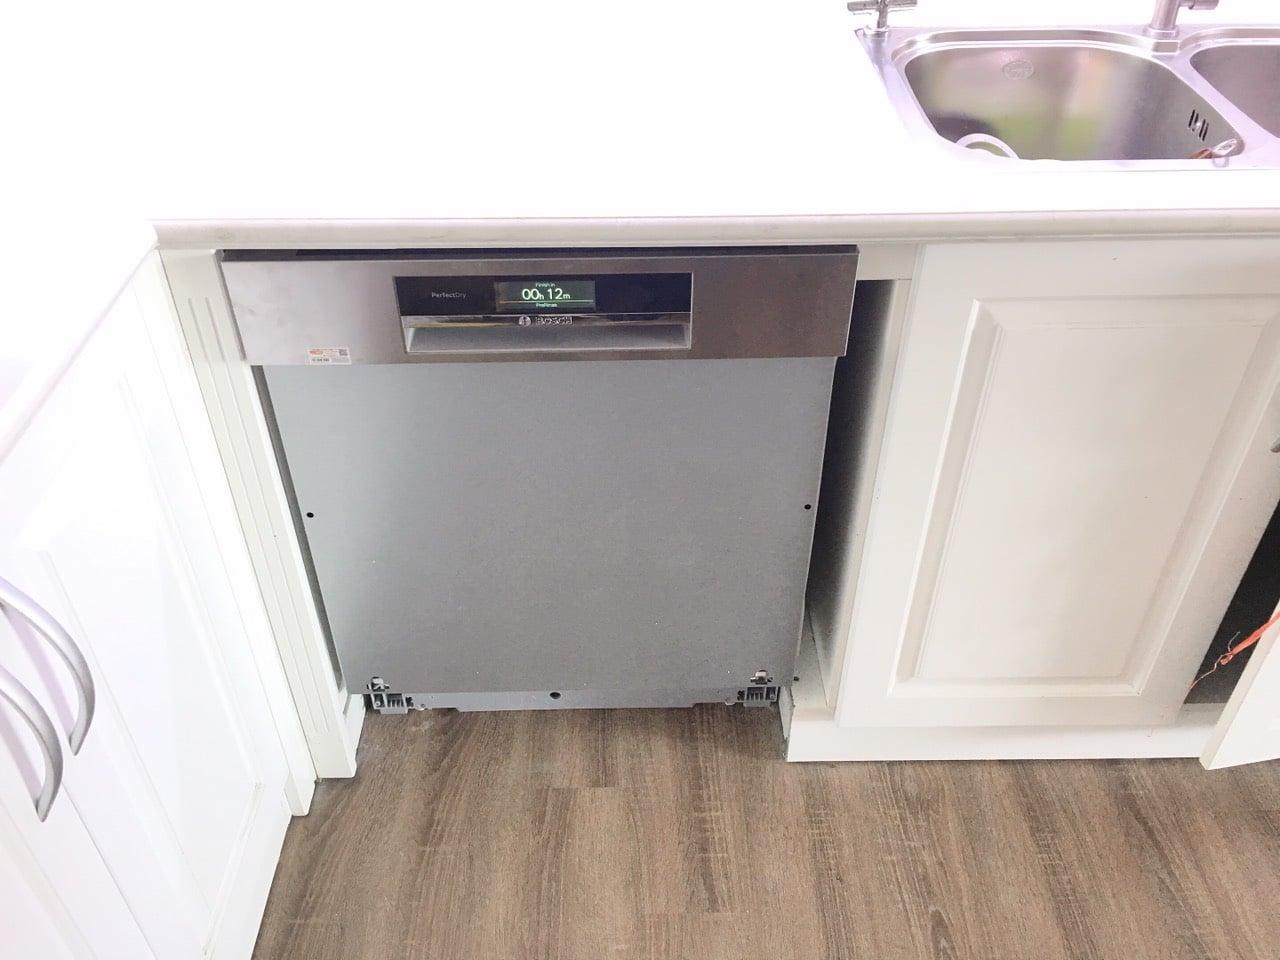 Nhà đẹp thêm SANG nhờ máy rửa bát Bosch âm tủ Smi88ts46e 3